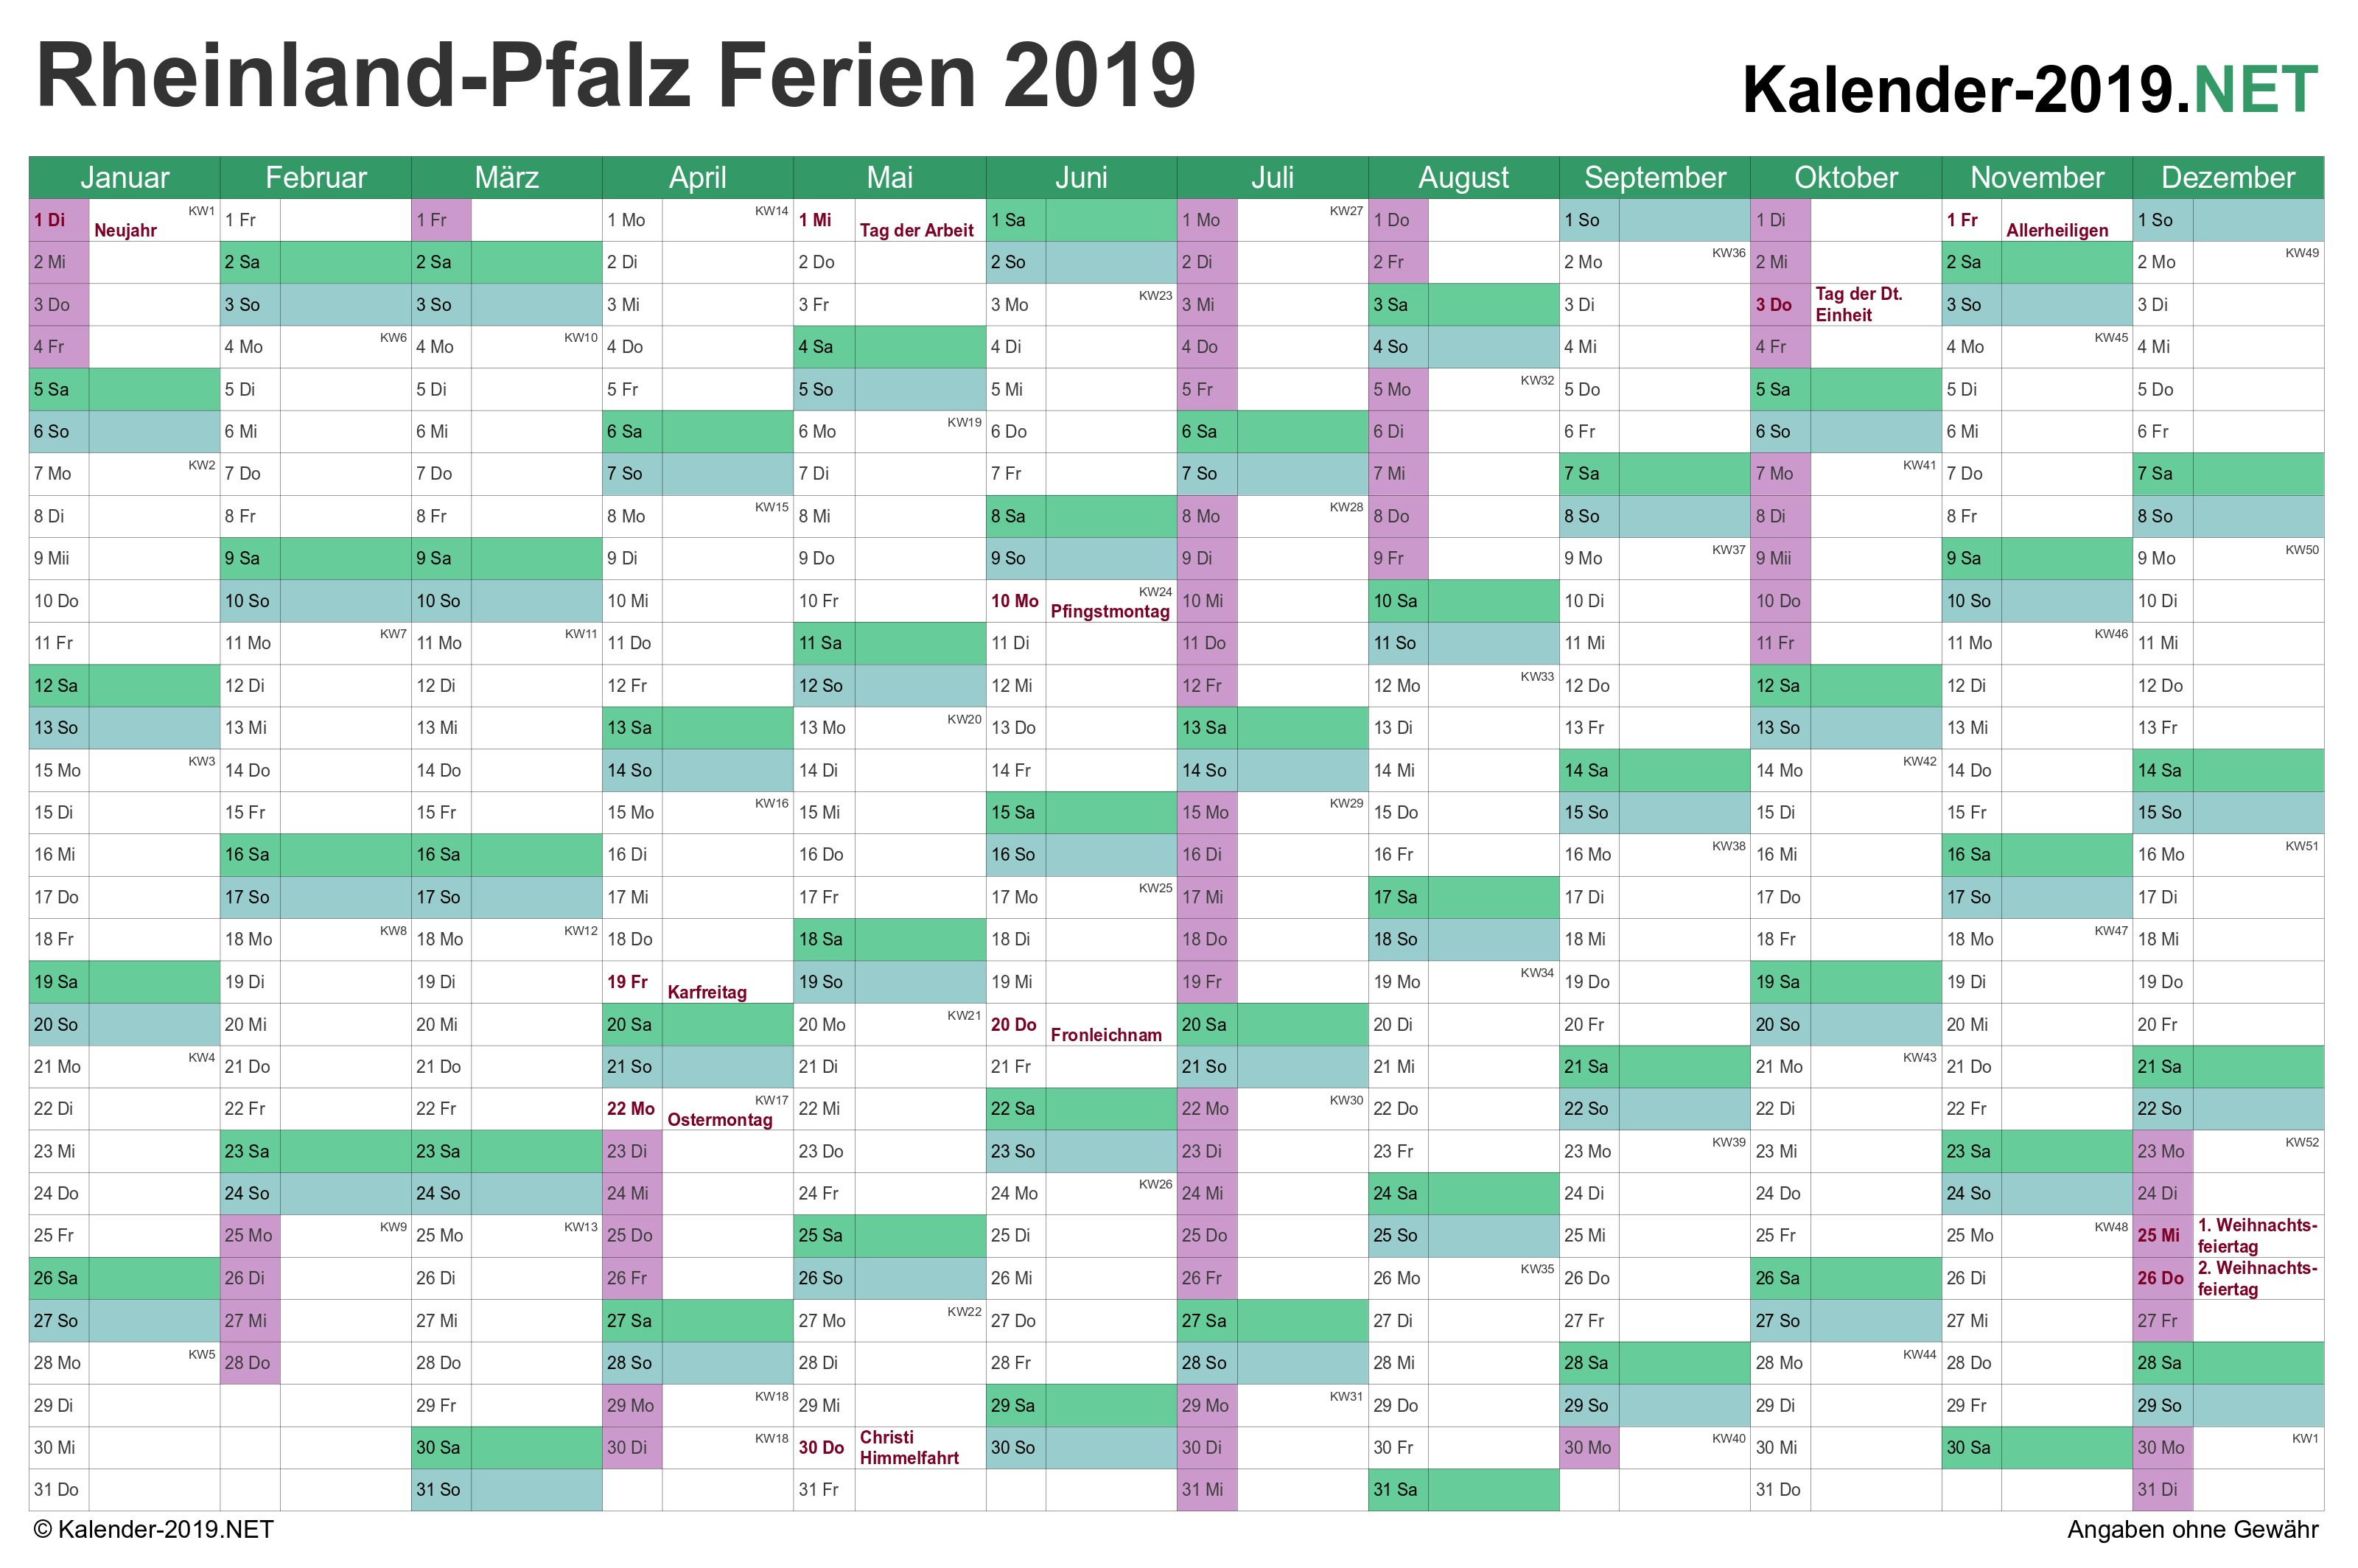 Kalender 2019 Mit Ferien Sachsen Pdf Recientes Jahreskalender Rheinland Pfalz 2019 Mit Ferien